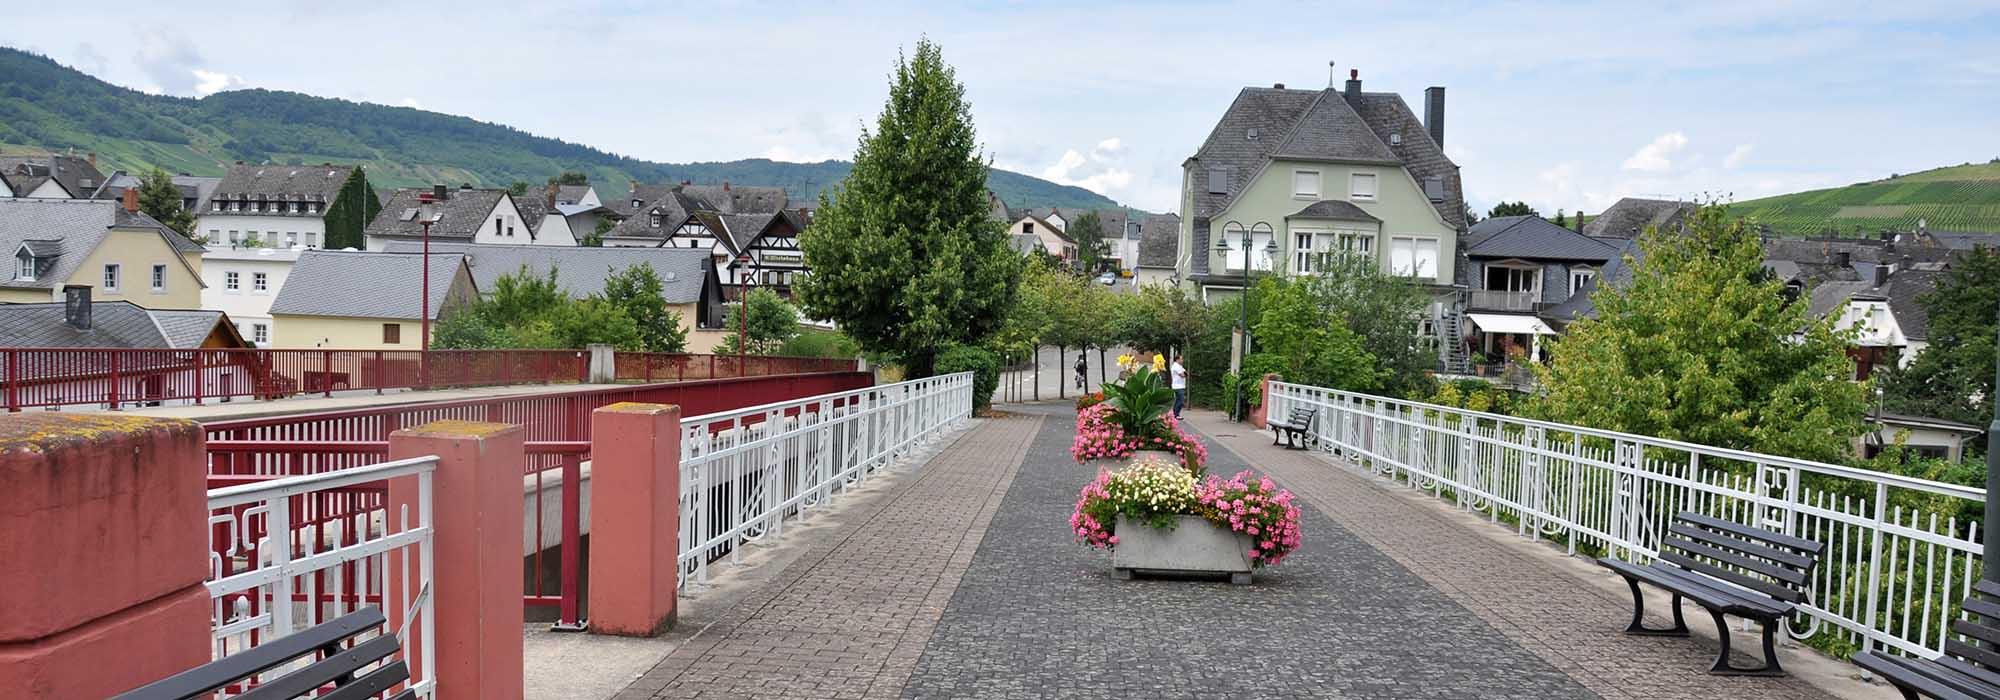 DSC_3031Trittenheim